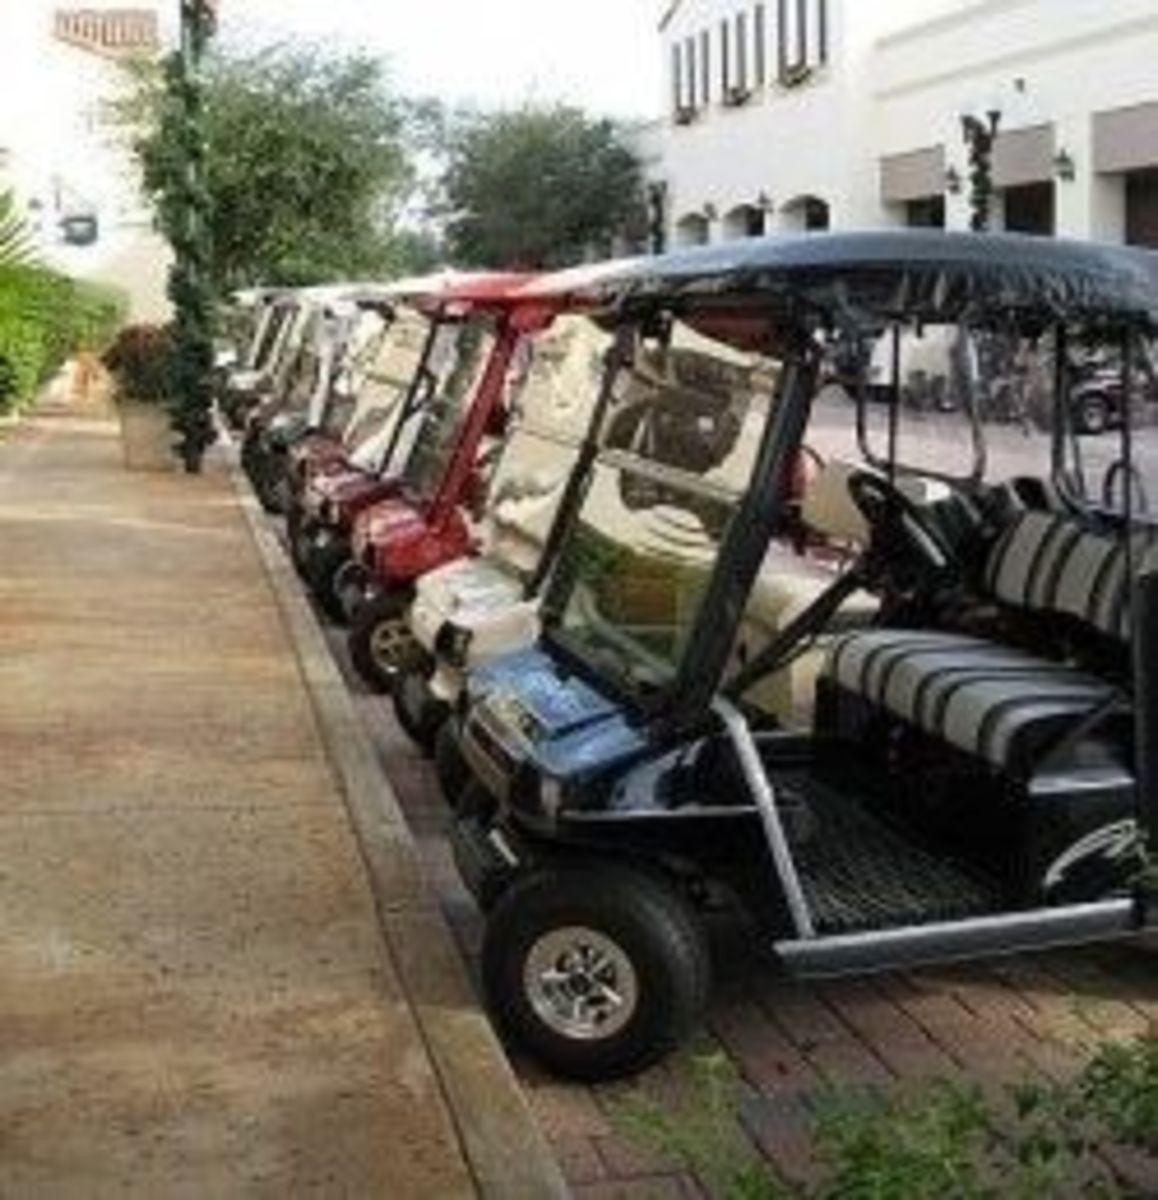 Golf Cart Fun: Personalize It, Decorate It, Accessorize It